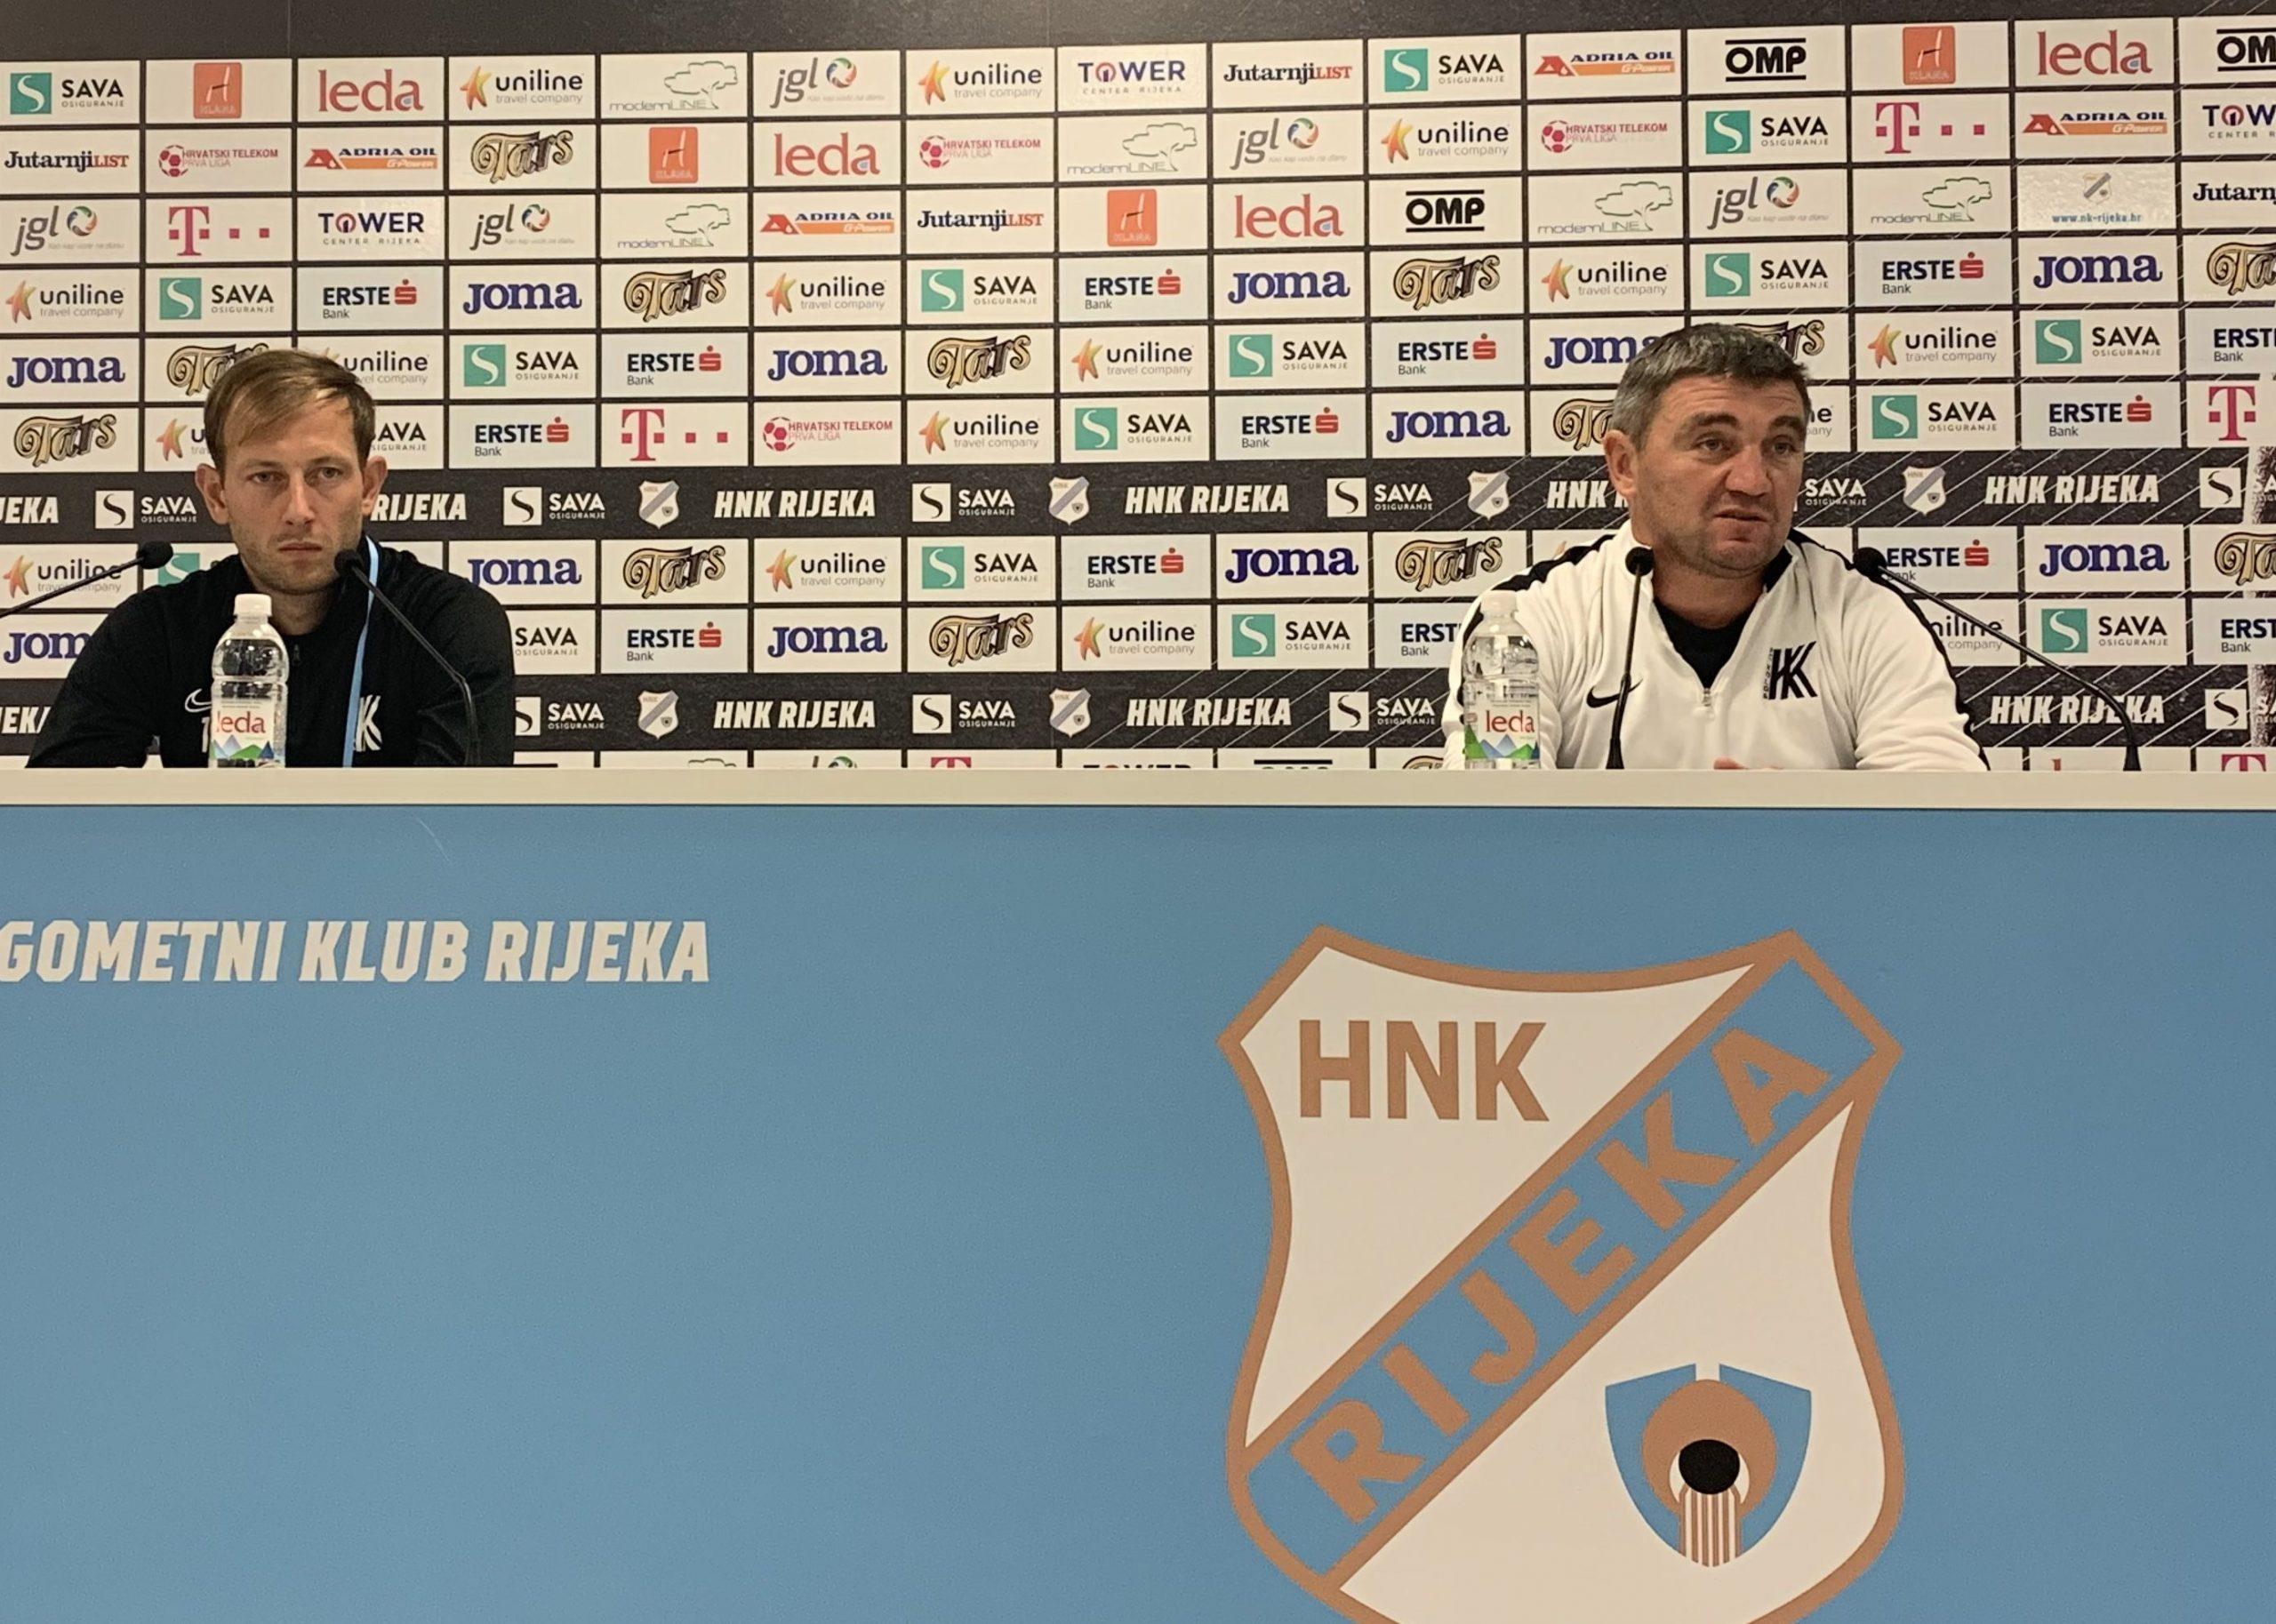 Presica trenera i igrača Kolosa/Foto M. SUČIĆ